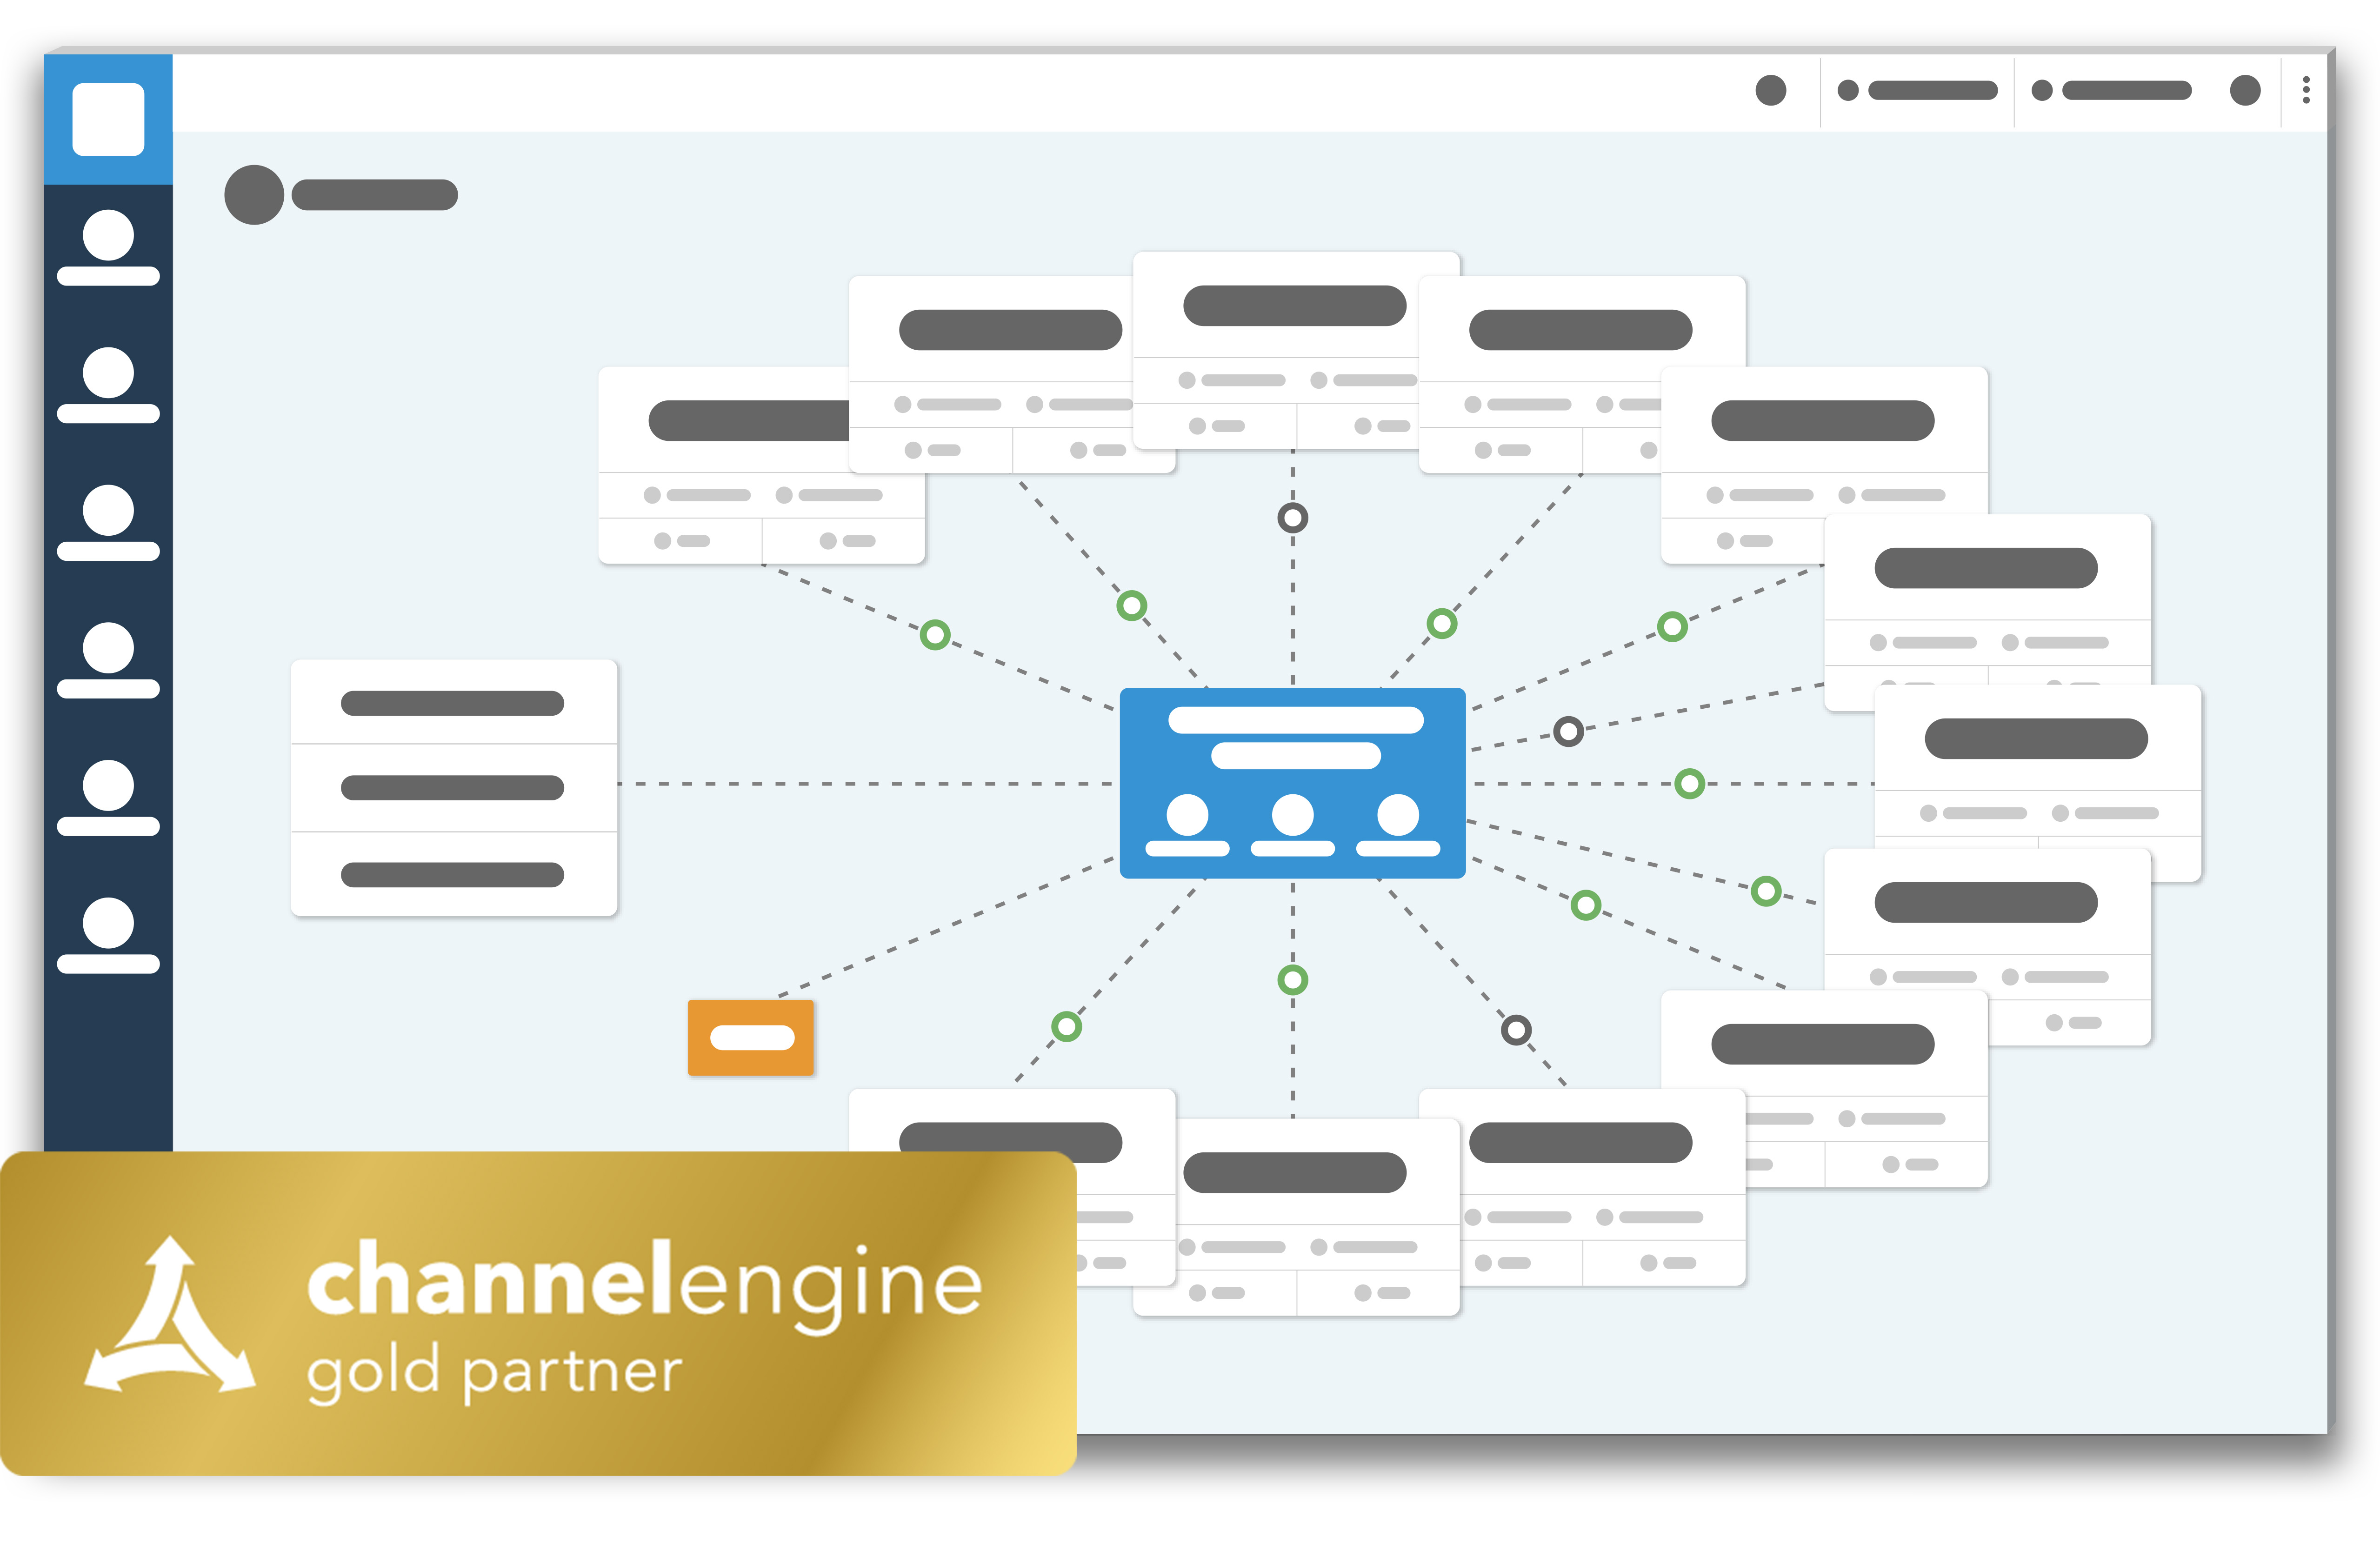 channelengine-mock-up-Brandsom-gold-partner